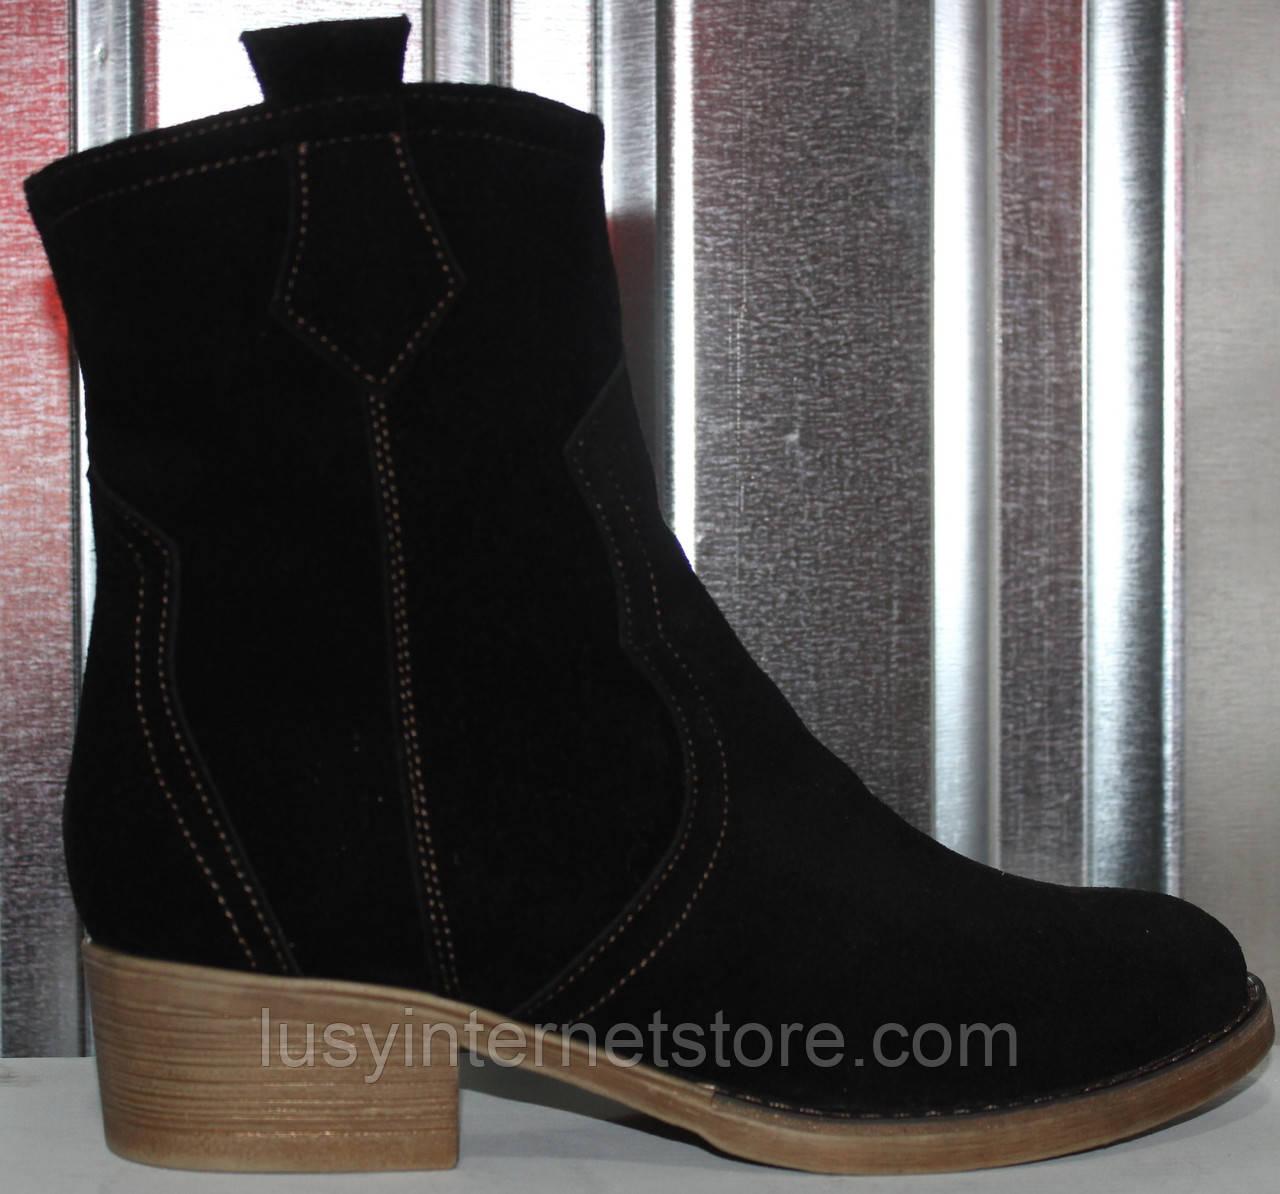 Ботинки женские зимние замшевые от производителя модель РИ304-1